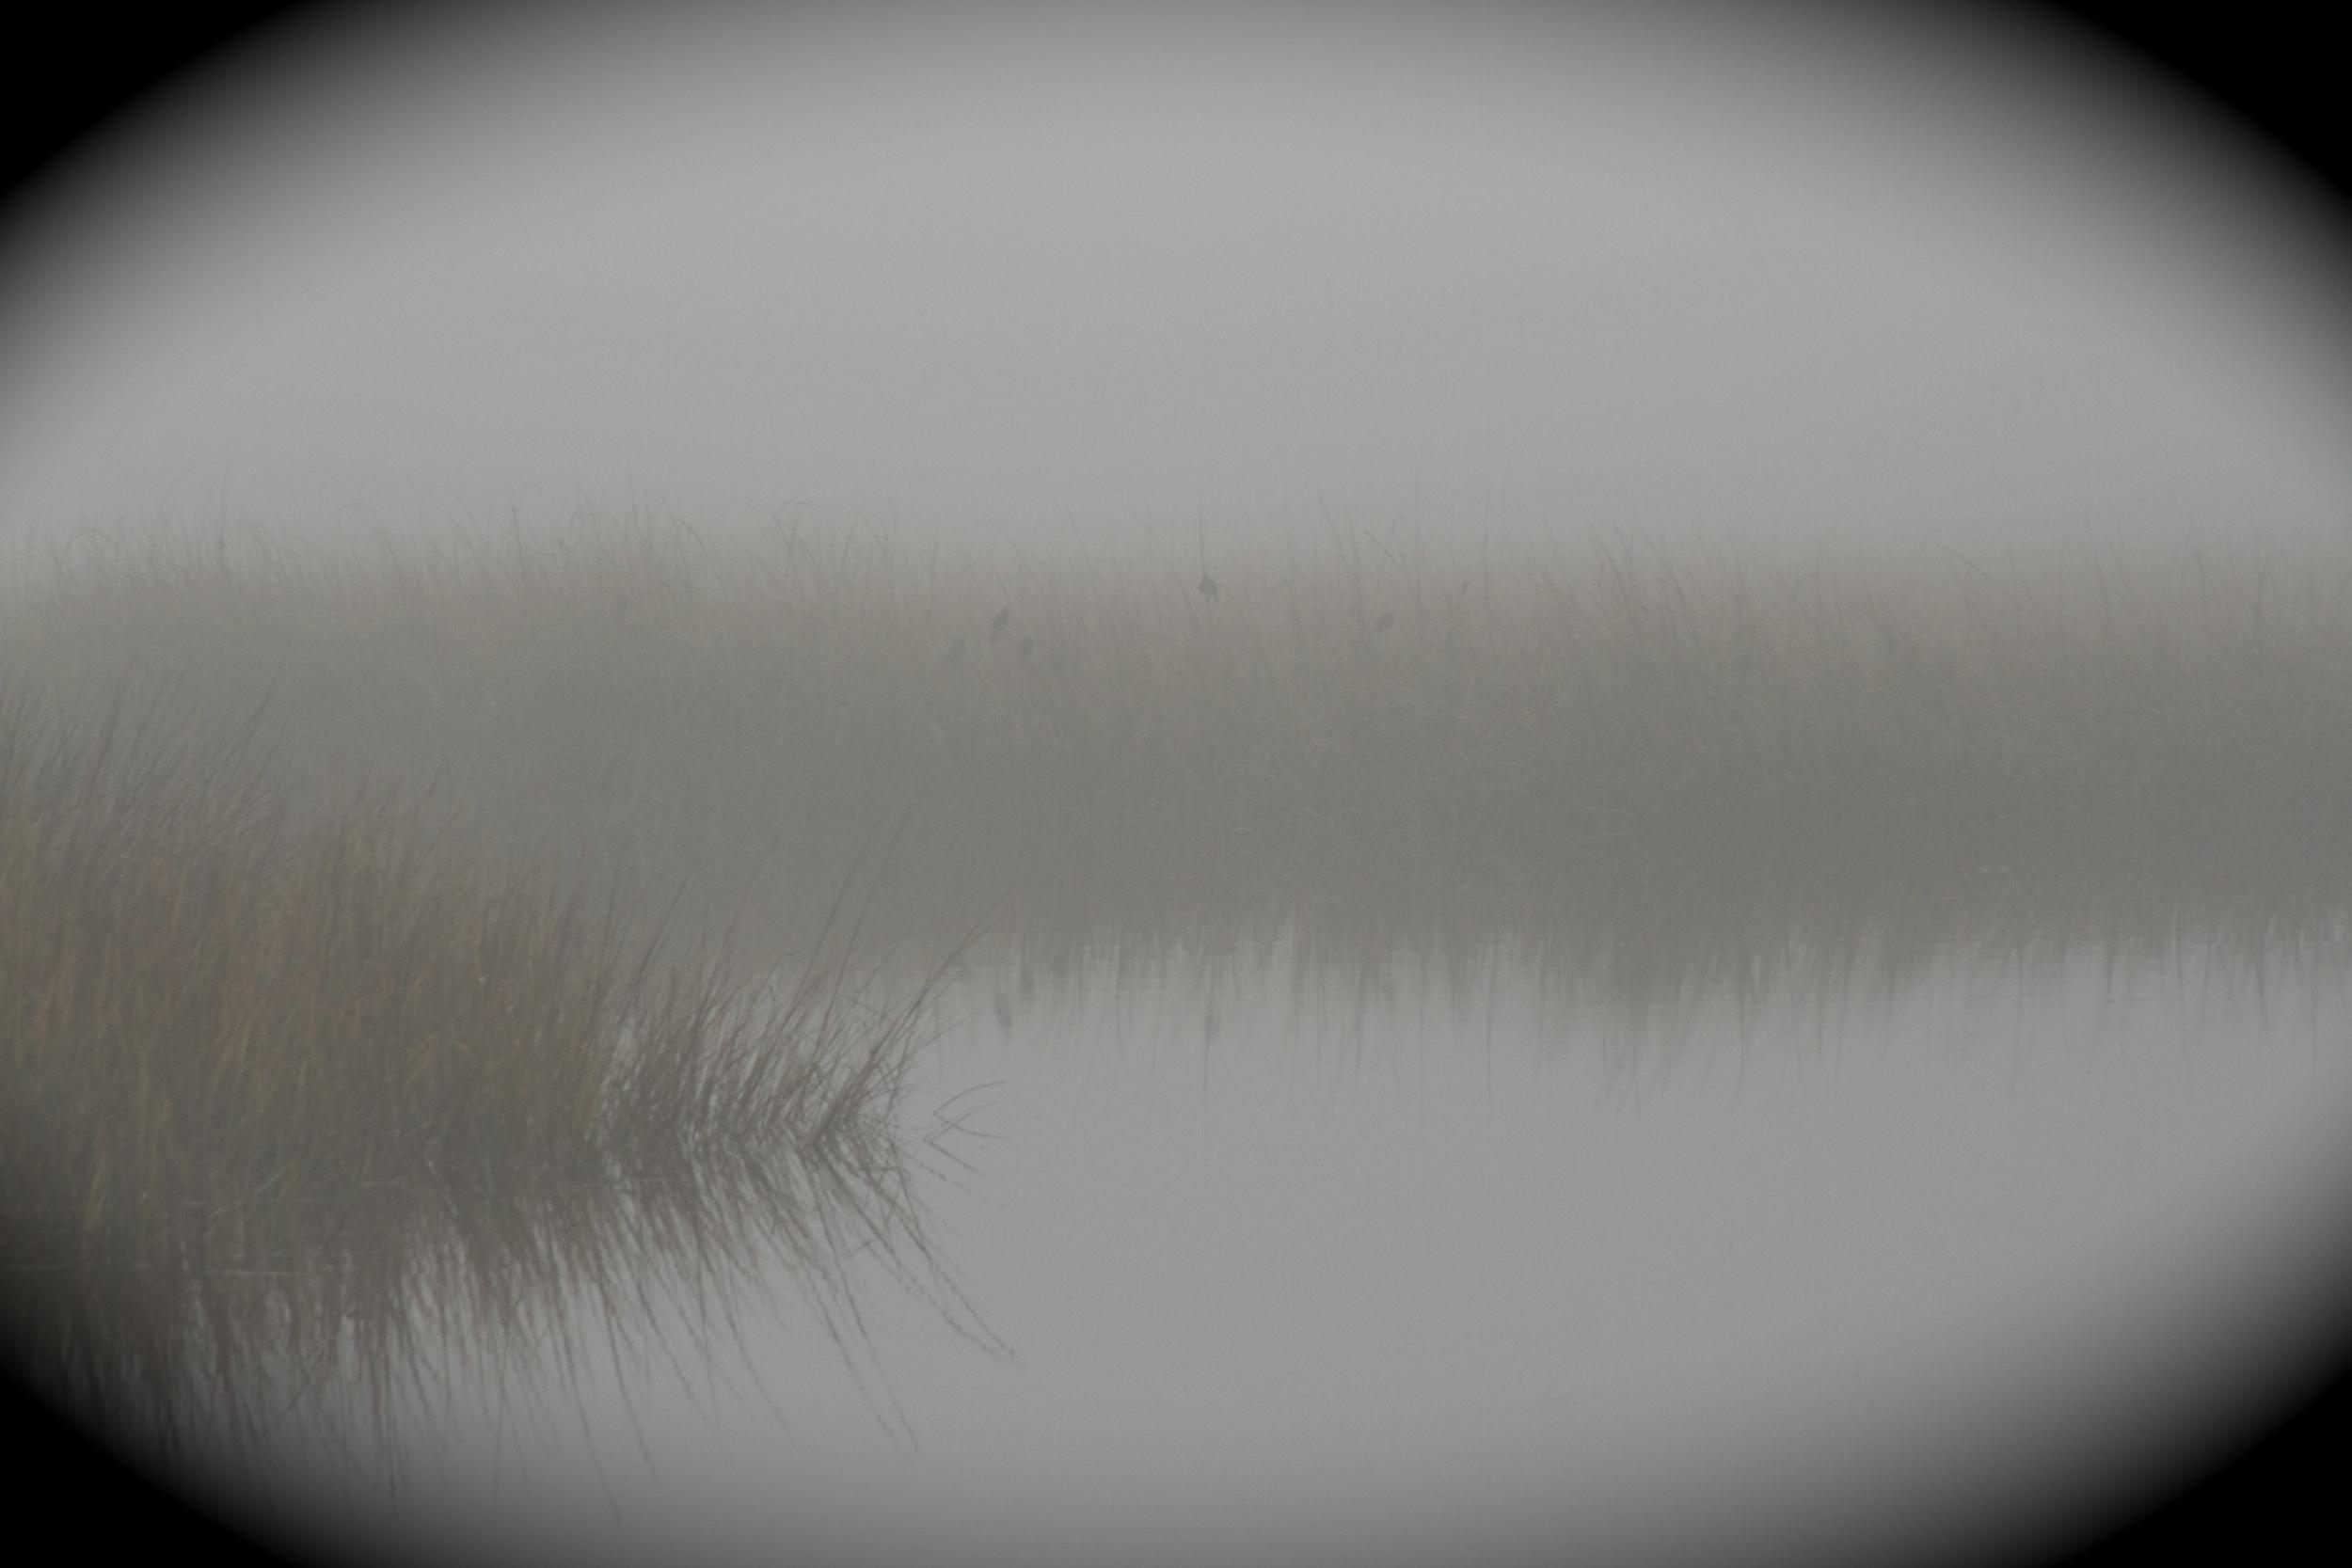 Red Winged Blackbirds in the white blanket fog.